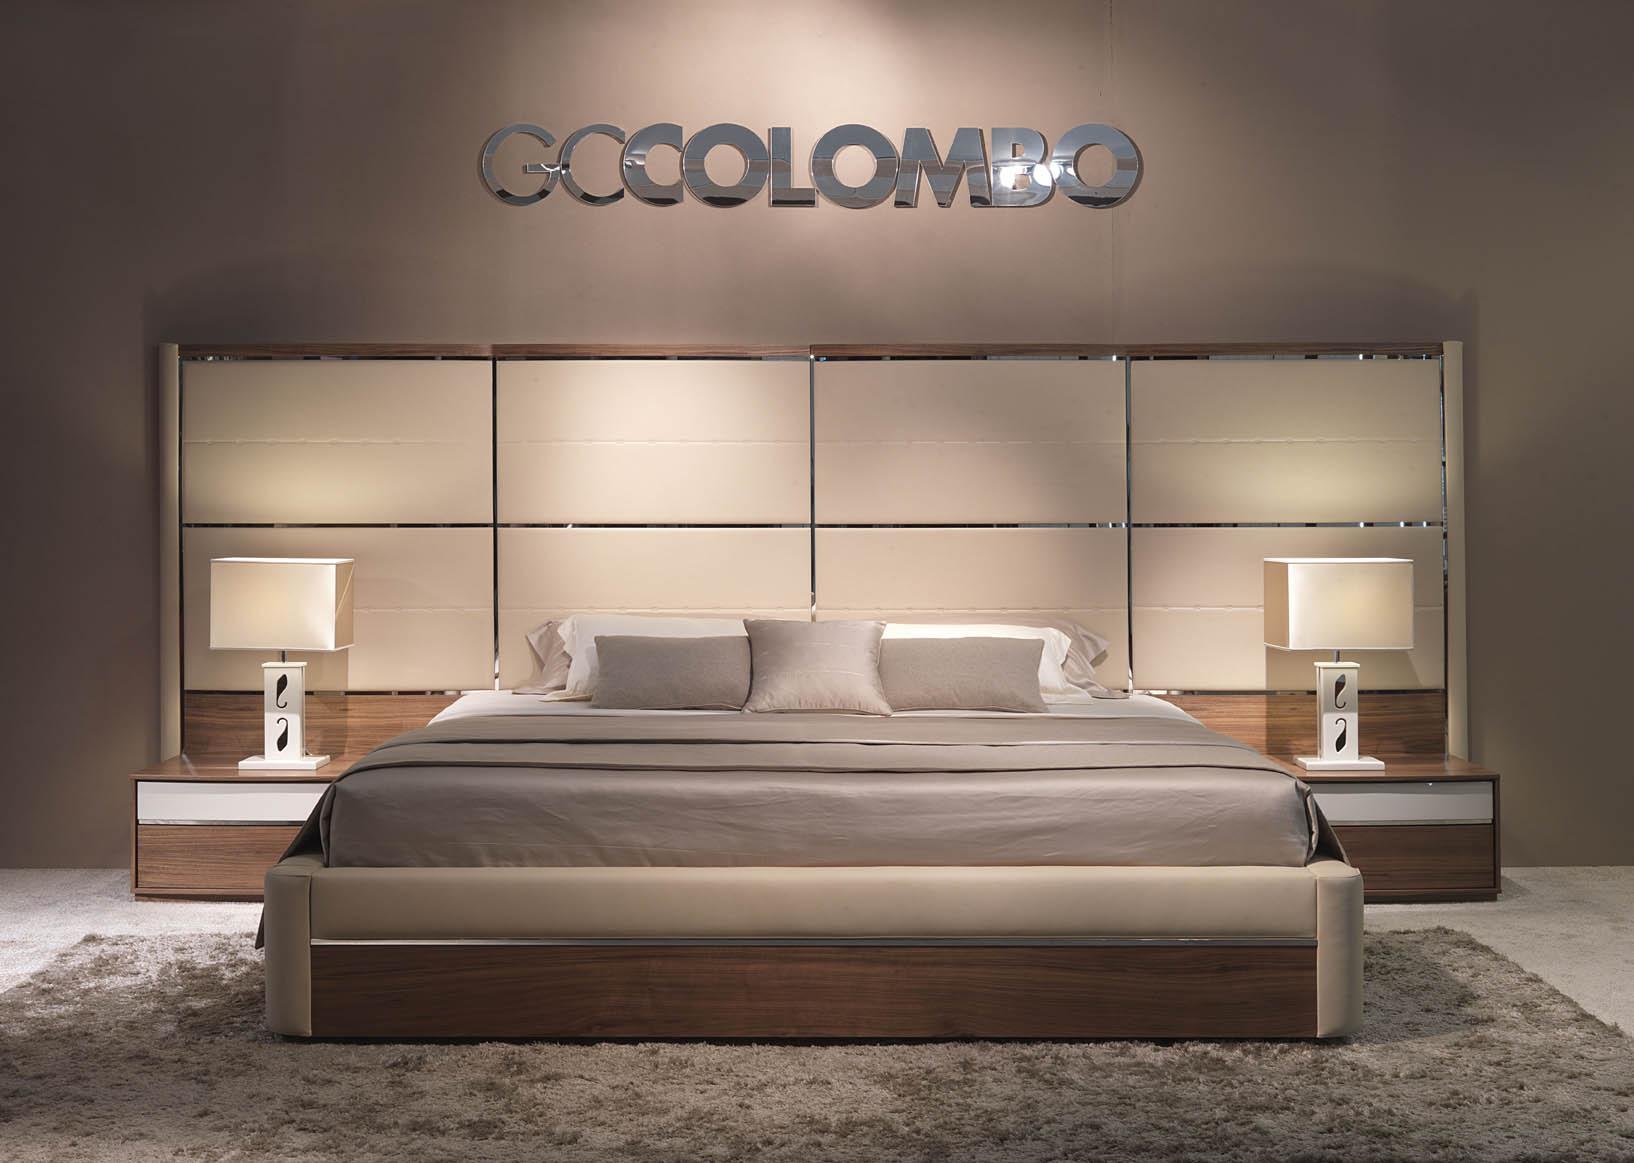 GCCOLOMBO - Progettazione e costruzioi mobili - made in italy - Diamond - Bed